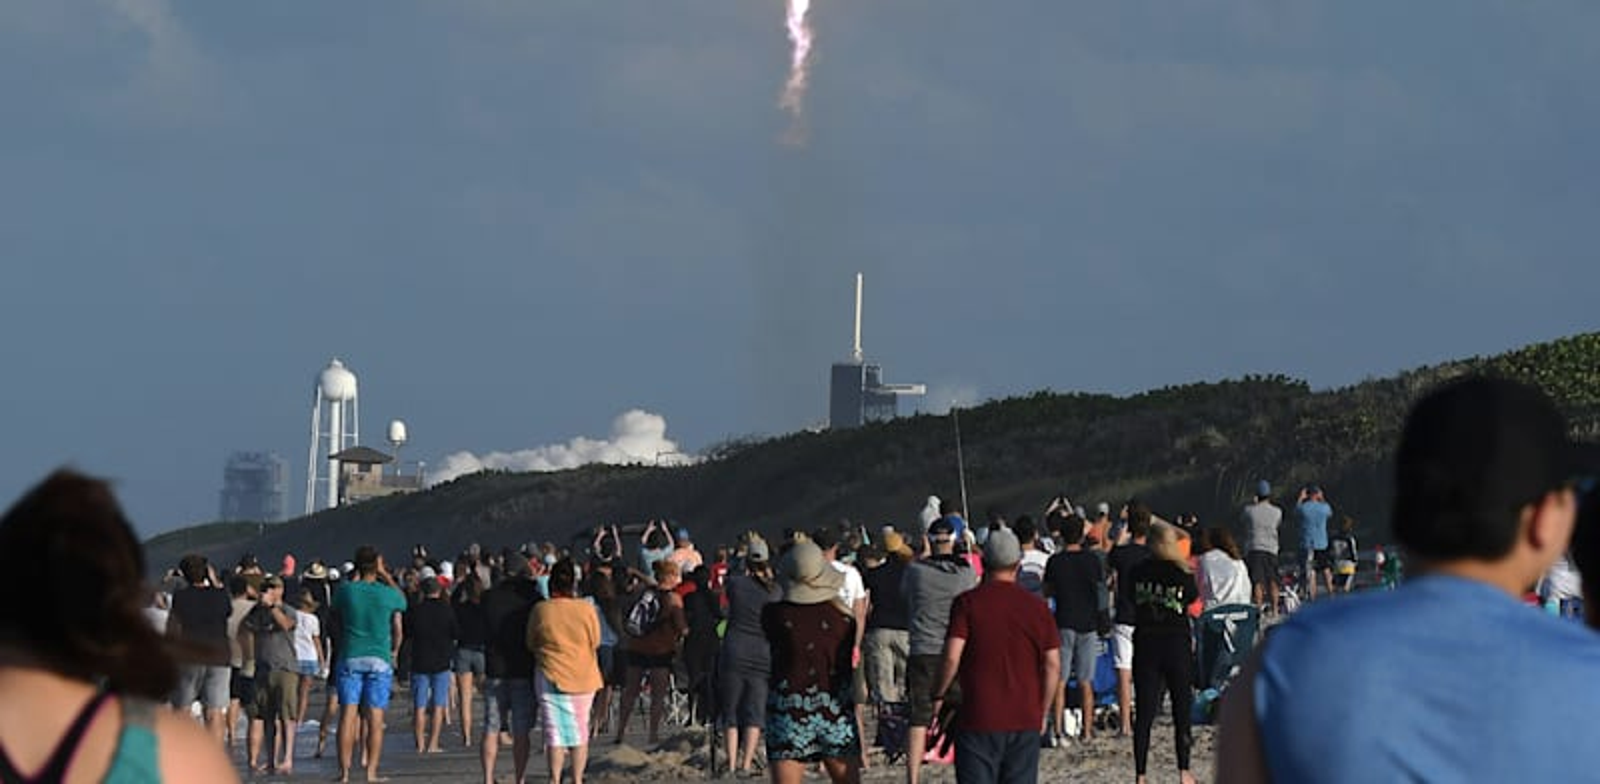 שיגור החללית של SpaceX. סמל לשינוי בתעשיית החלל / צילום: Reuters, Paul Hennessy / SOPA